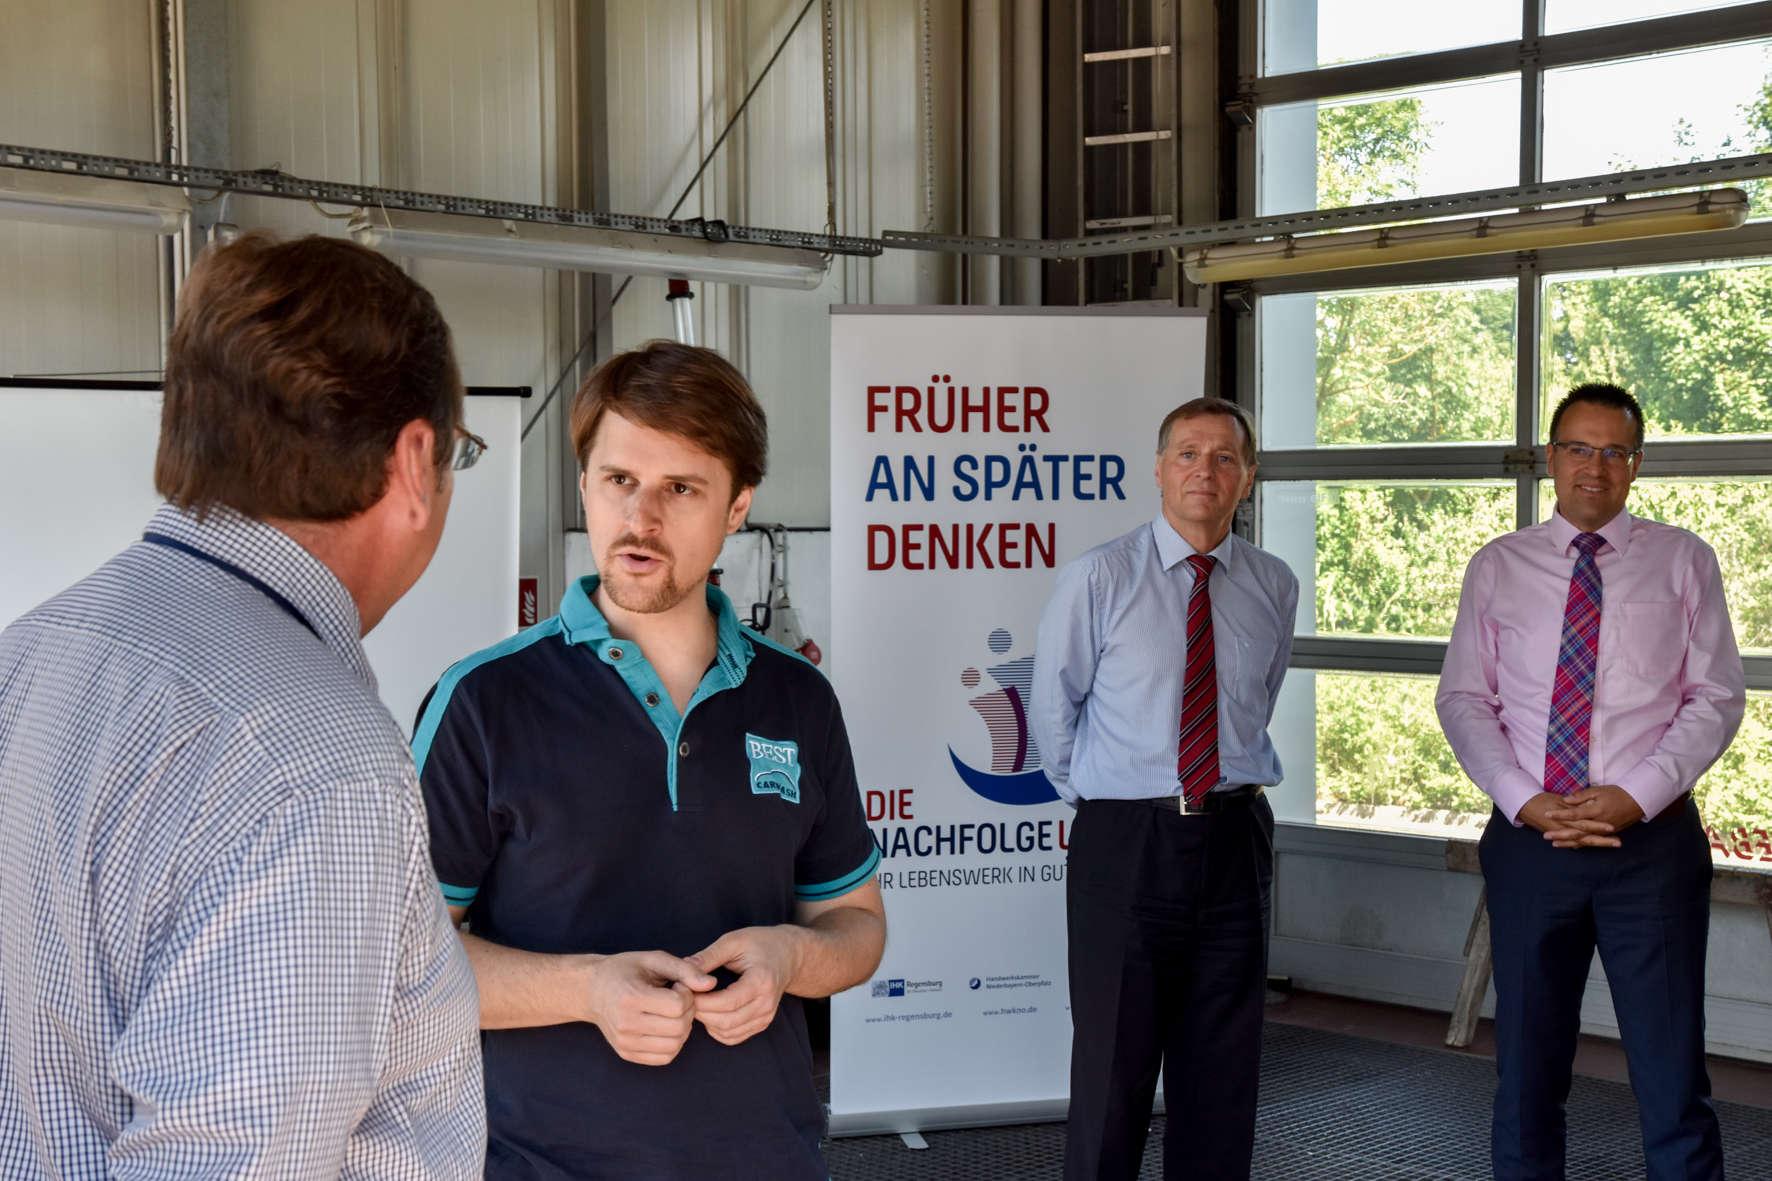 IHK Regensburg: Das Lebenswerk managen